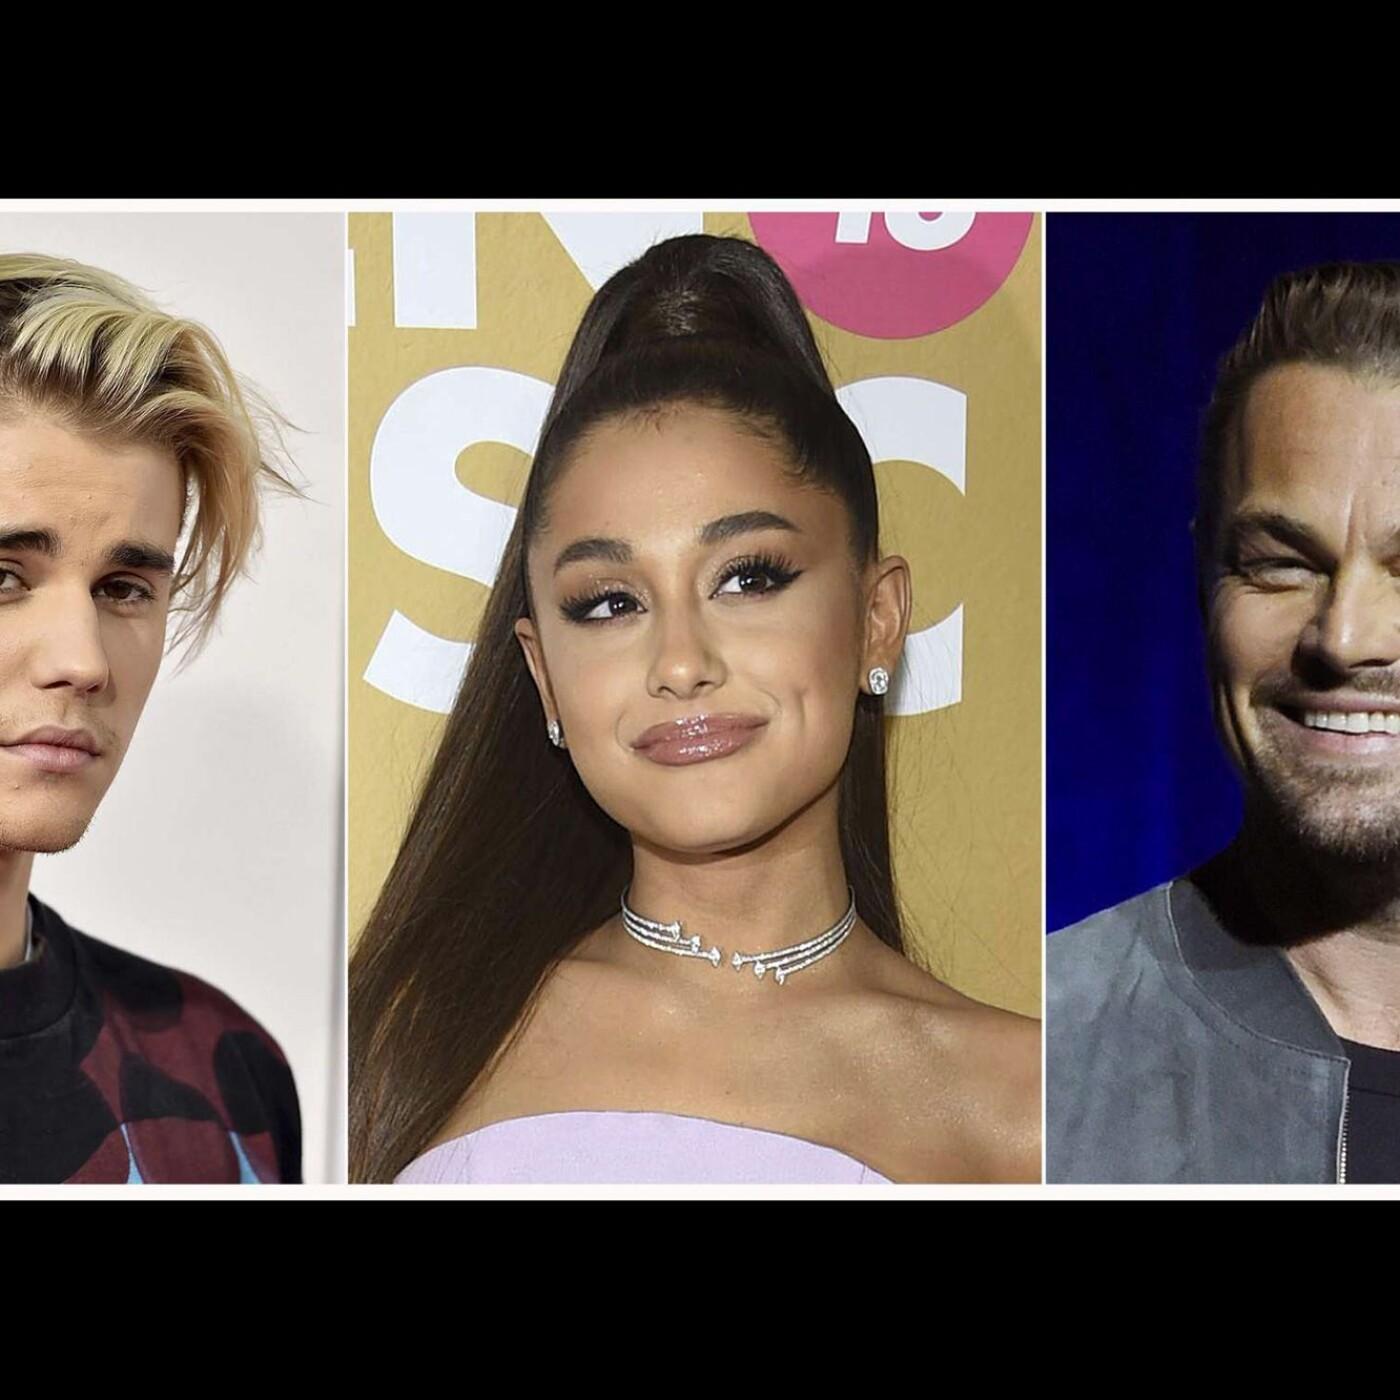 Ariana Grande aux côtés de Di Caprio au cinéma + Justin Bieber sur Amazon Prime